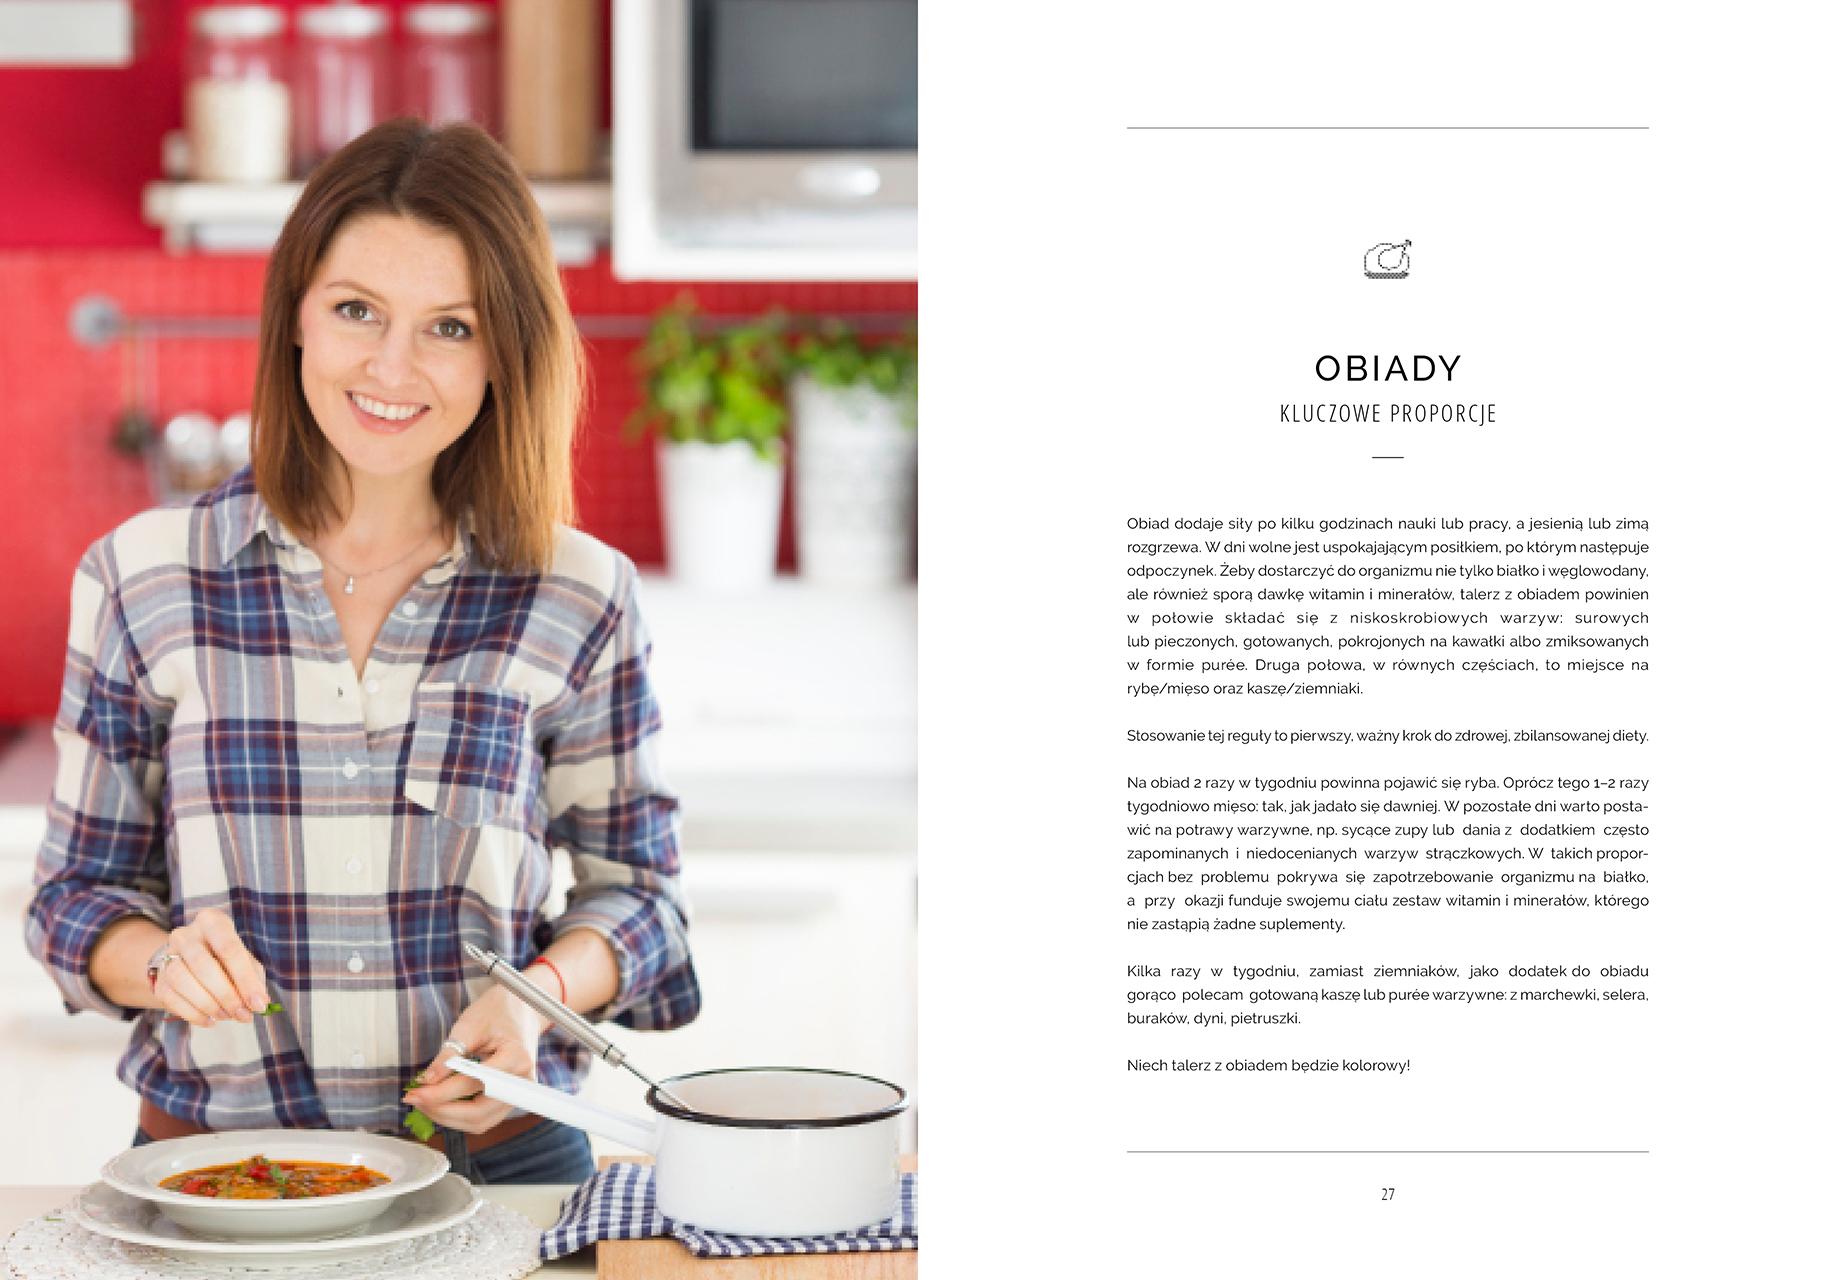 Superfood po polsku - obiady - strona tytułowa rozdziału